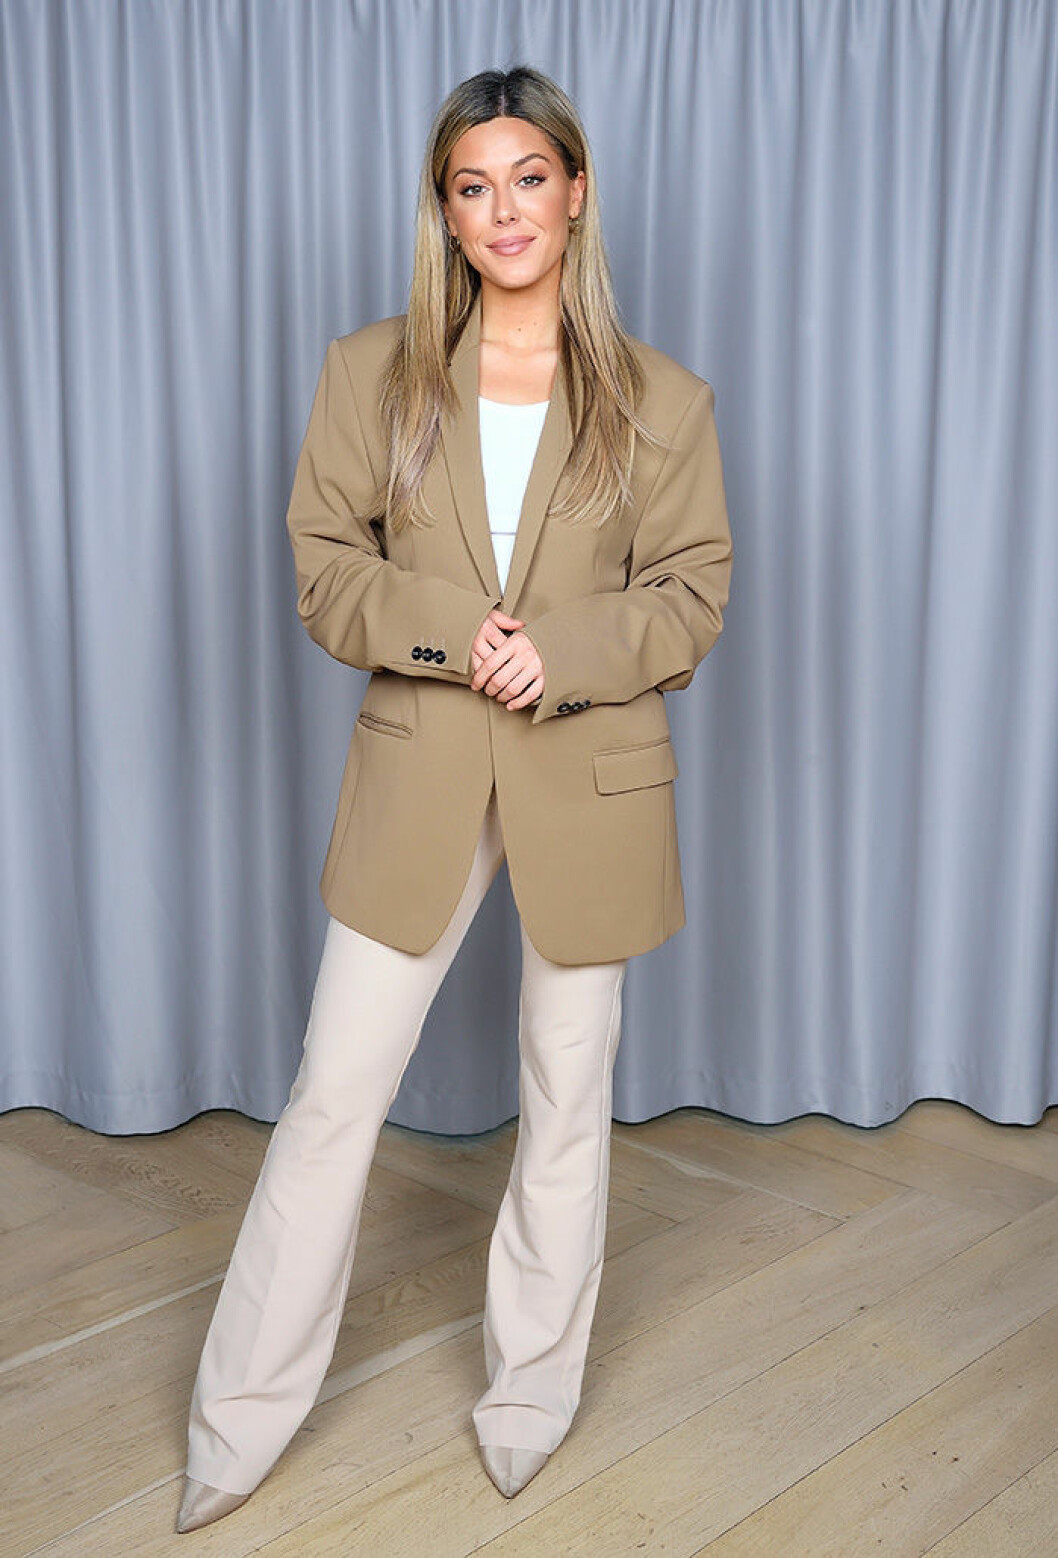 En bild på Bianca Ingrosso 2020 under Kanal 5:s pressträff.